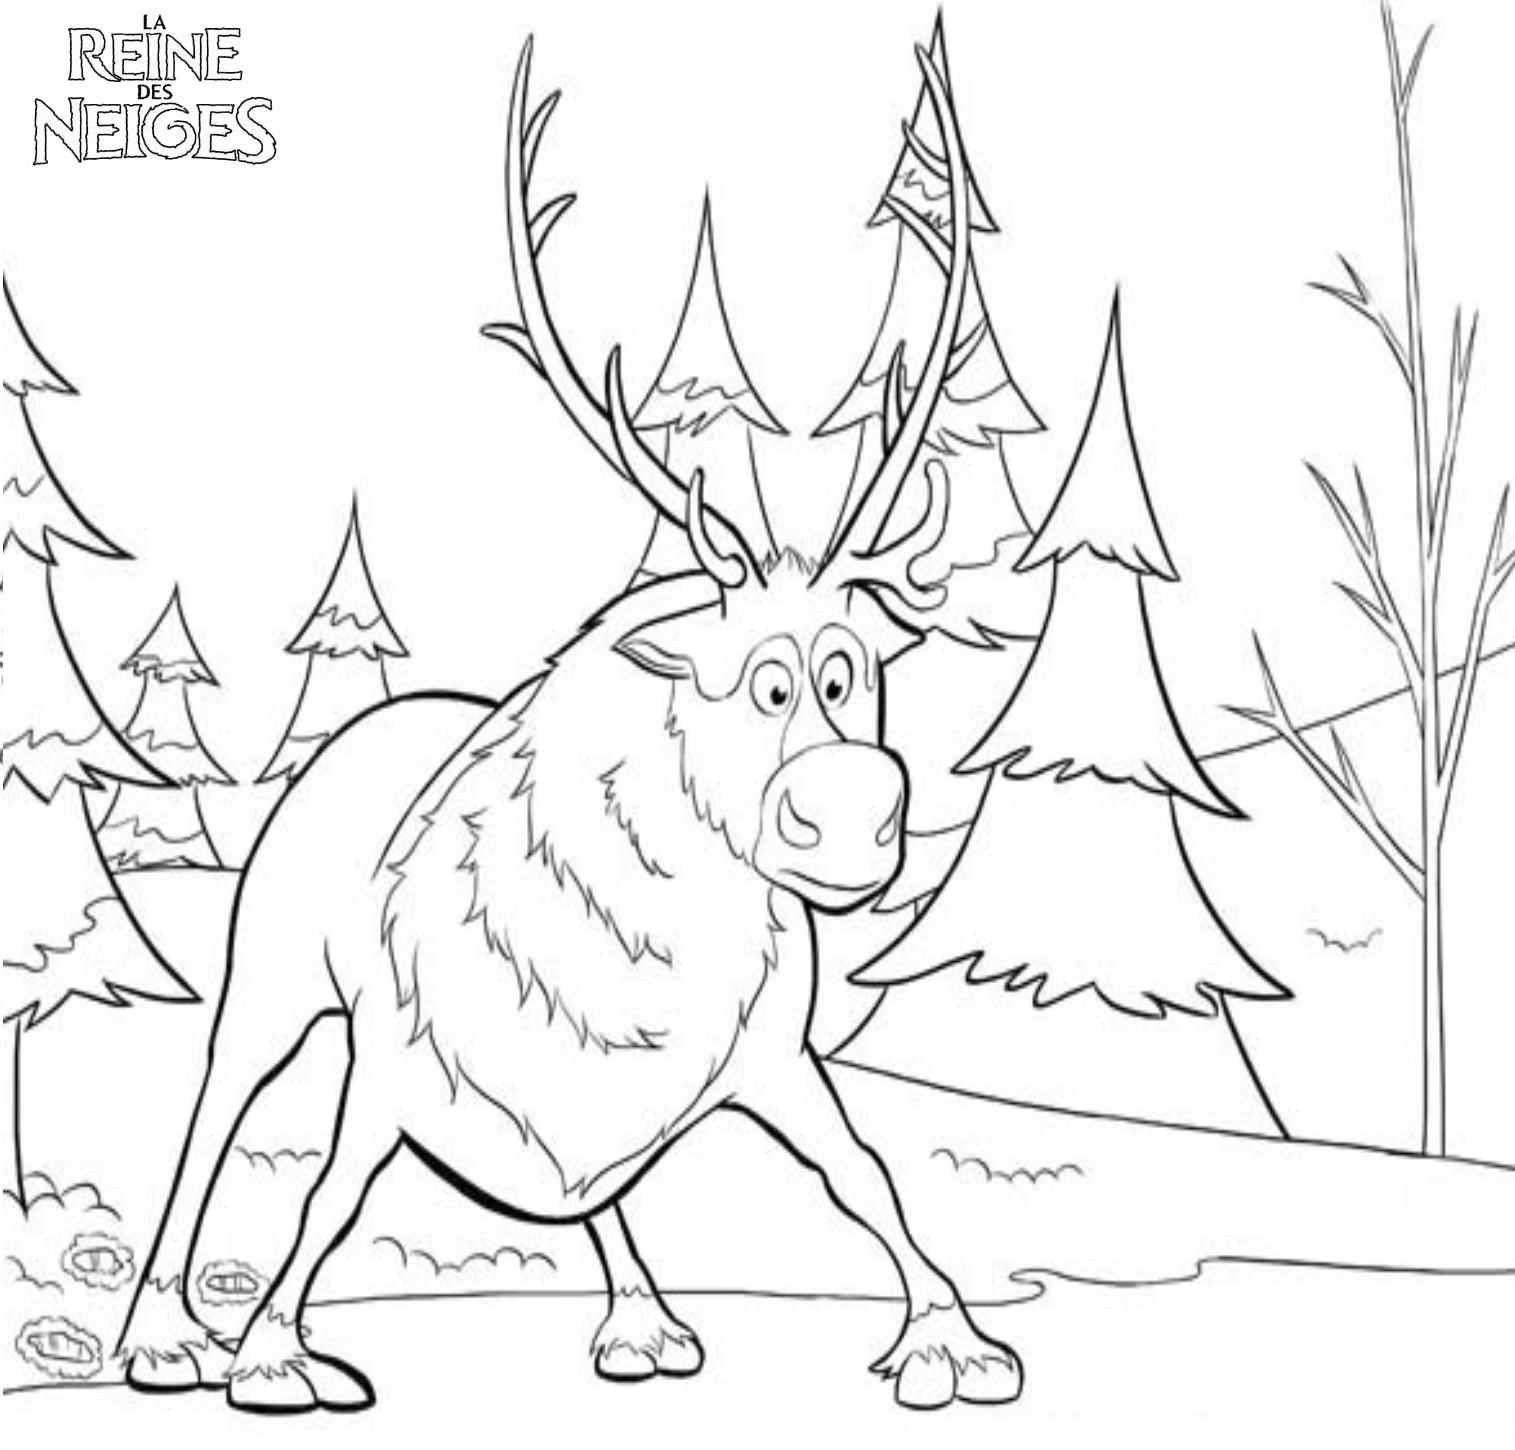 Coloriage a imprimer reine des neige swen le renne gratuit et colorier